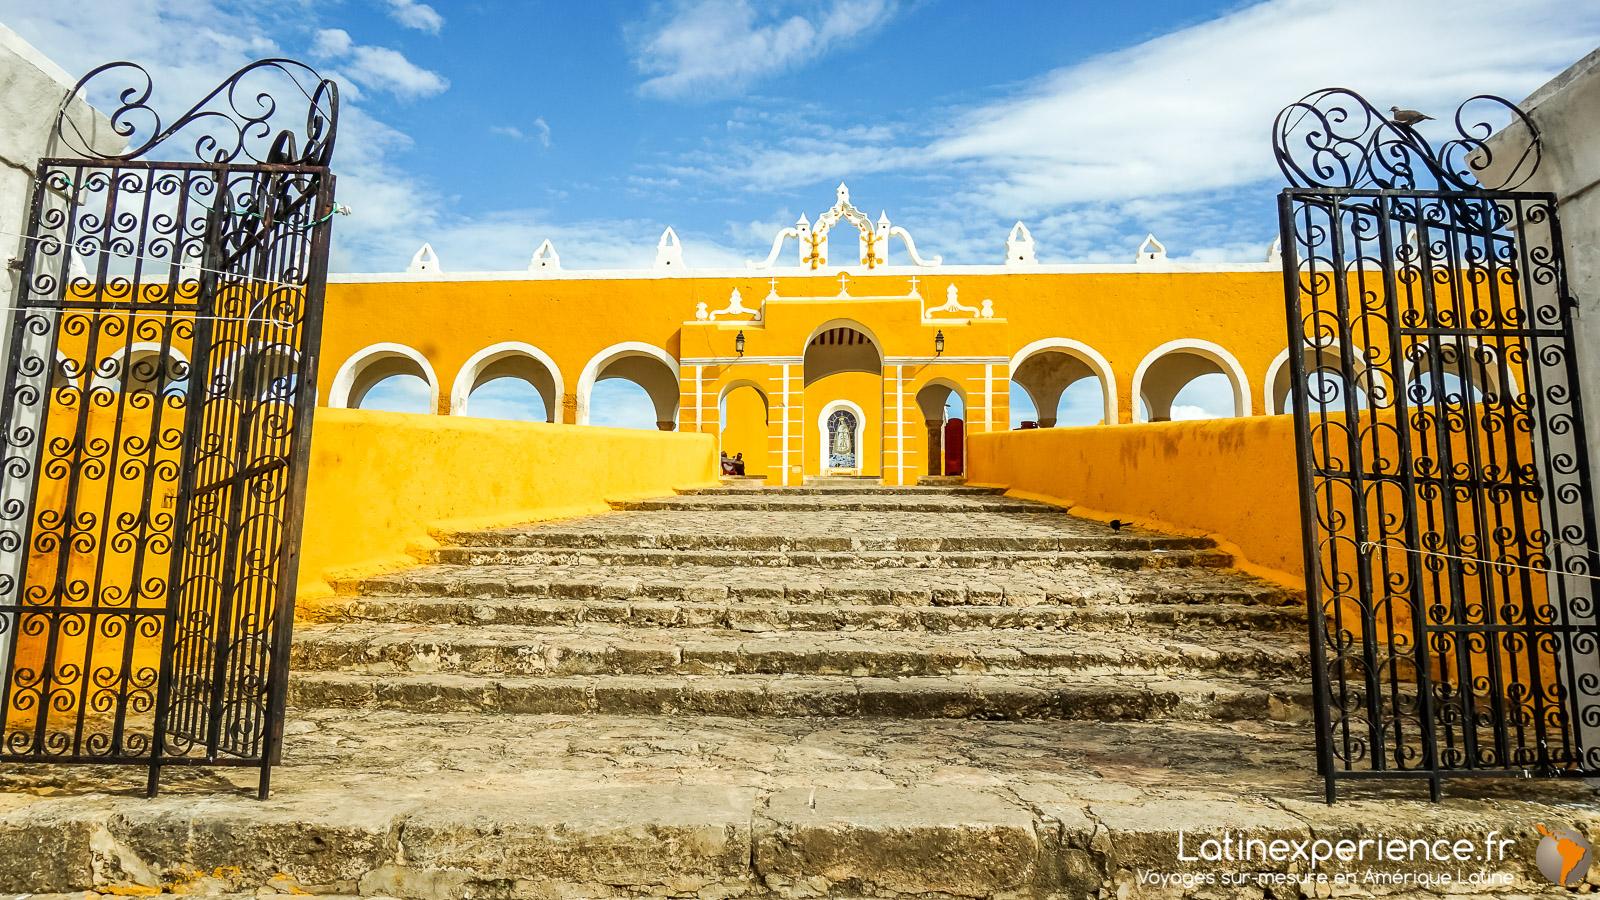 Mexique - Yucatan - Saint Antoine de Pardoue - Izamal - Latinex